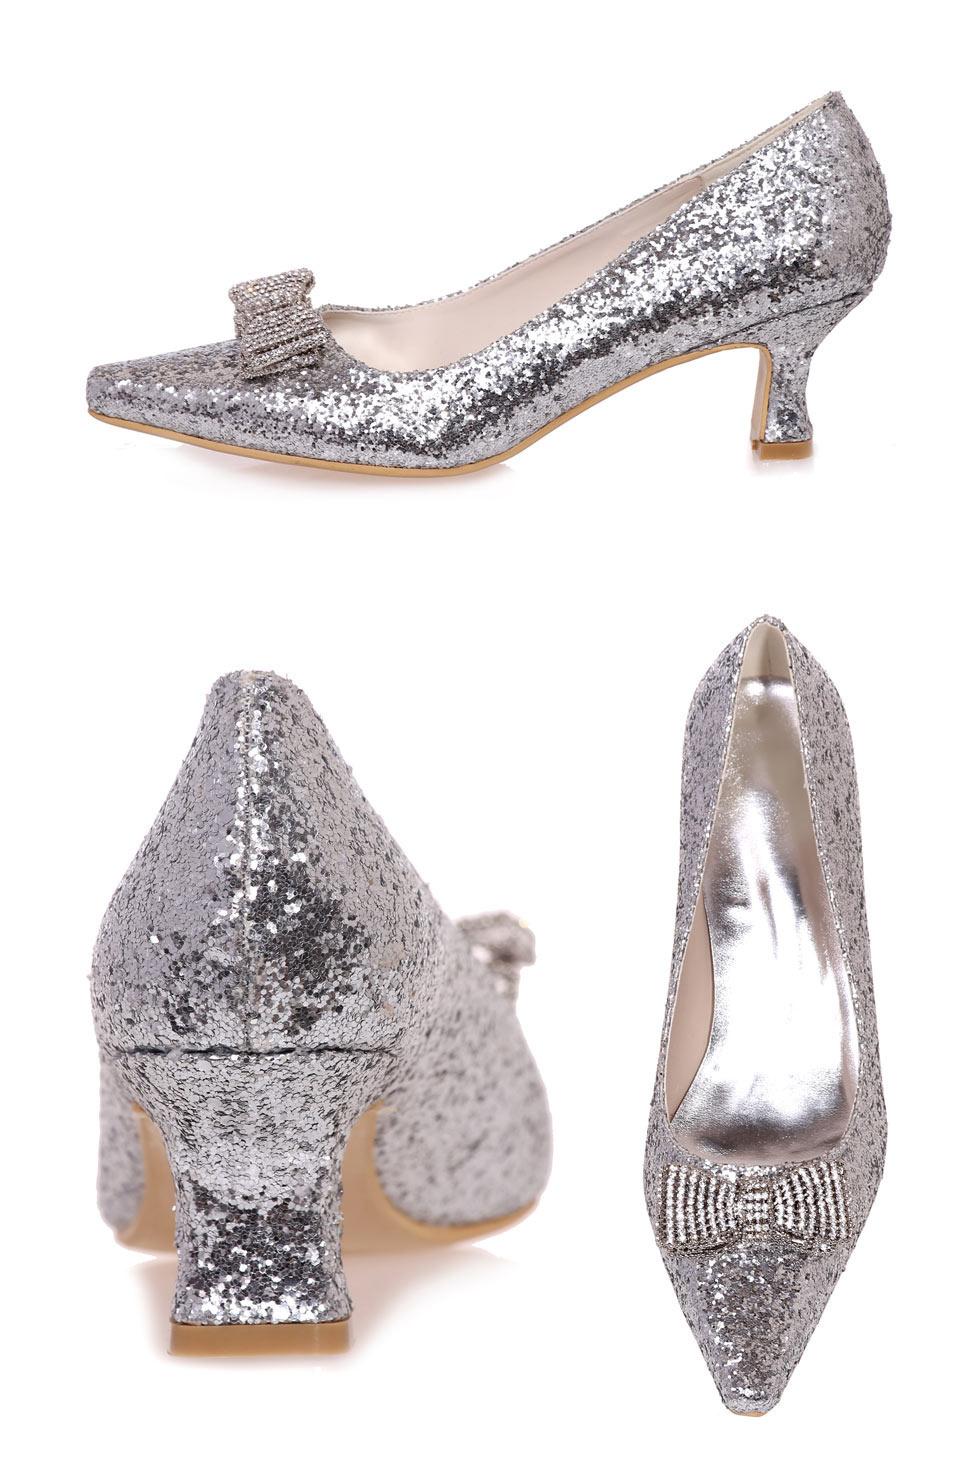 chaussures de mariage en argent à talons bas en sequin